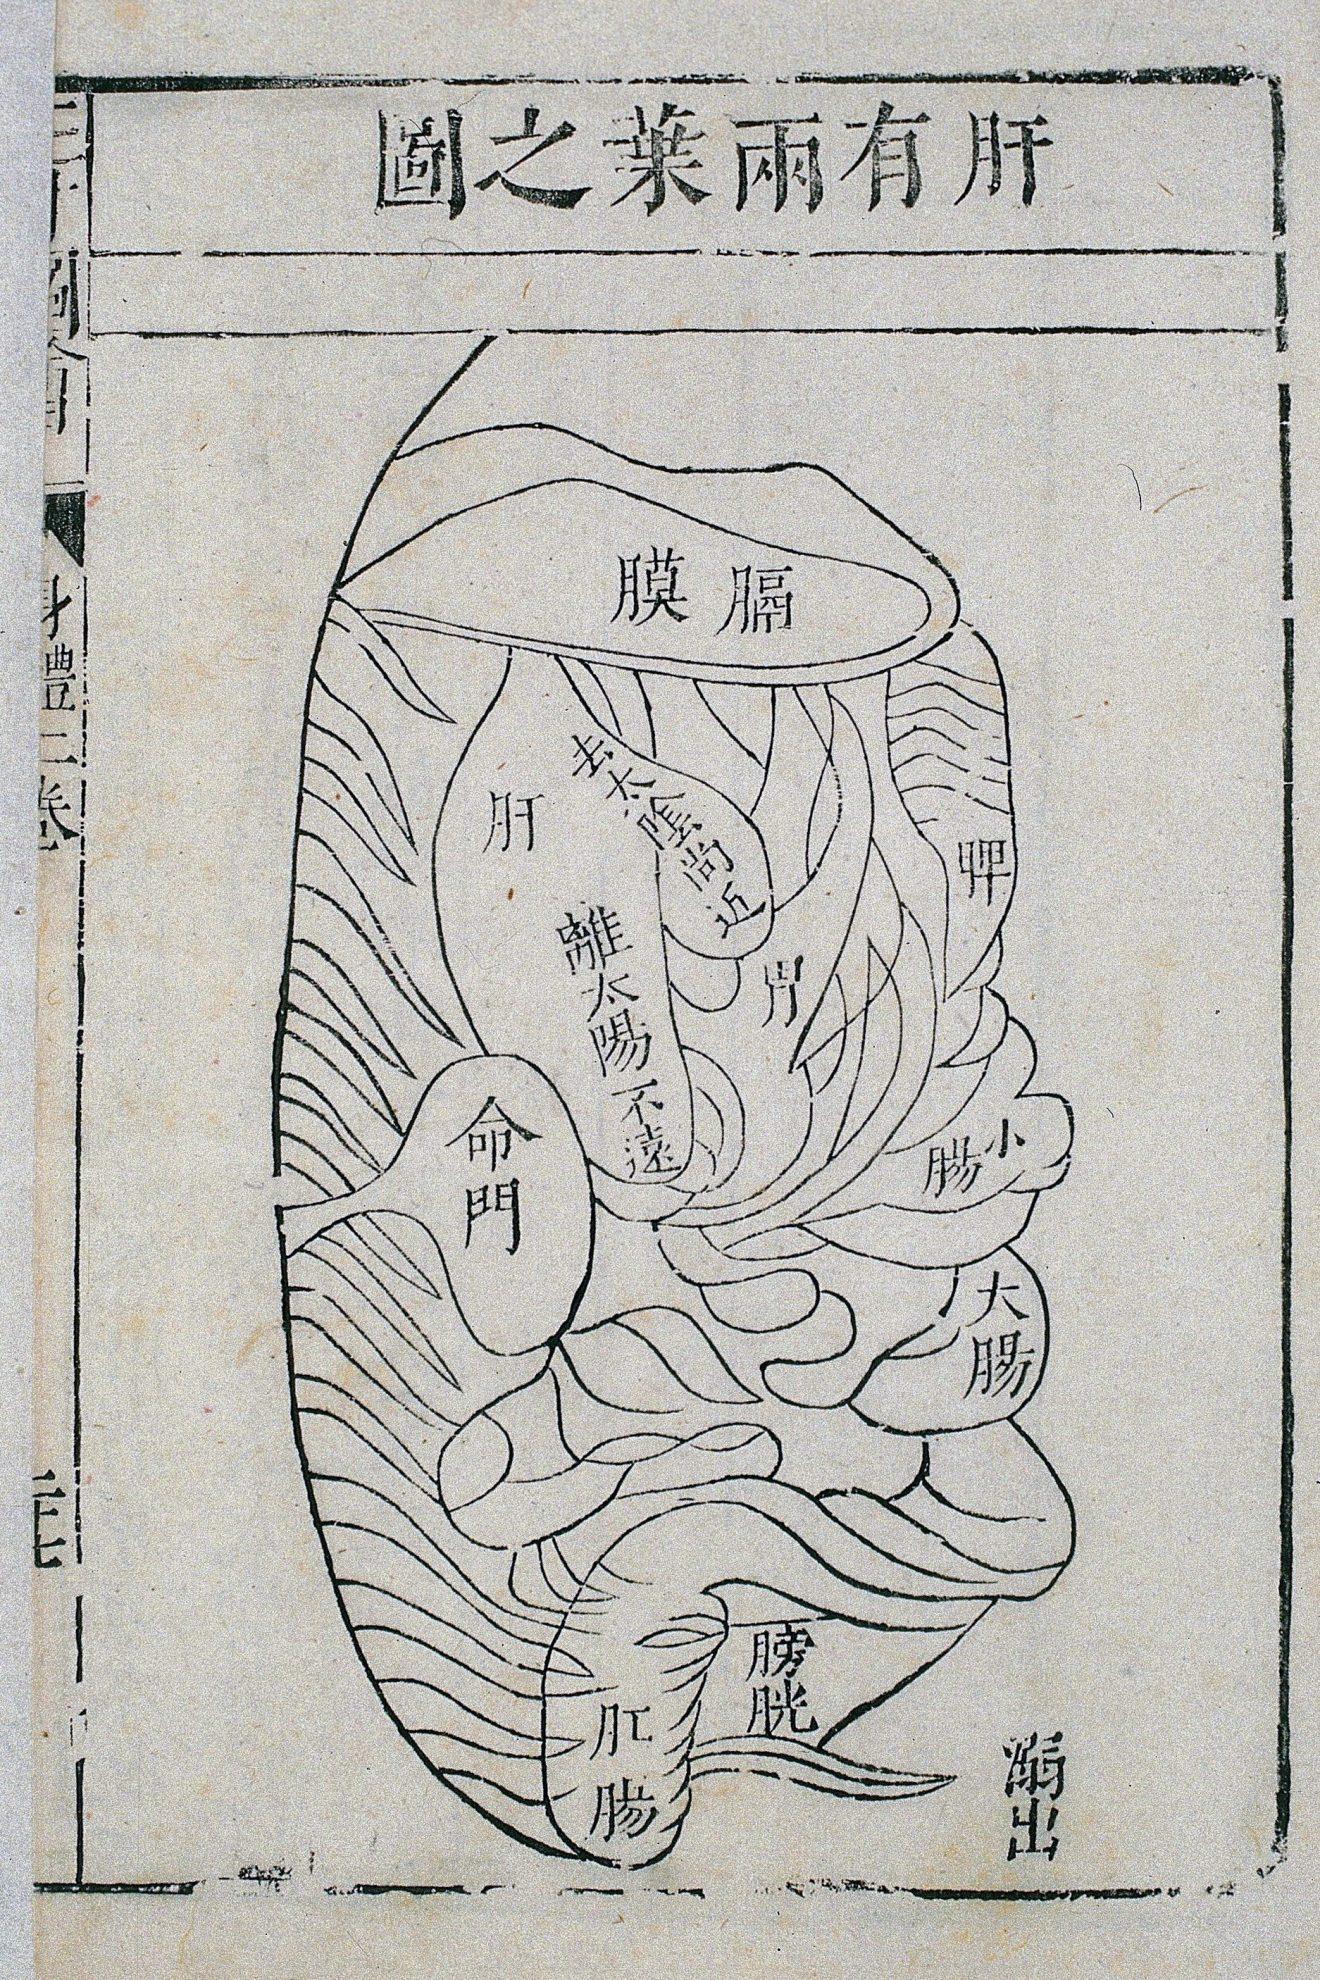 Forme et position du foie, illustration de la gravure sur bois du Compendium illustré des Trois Talents sur le corps